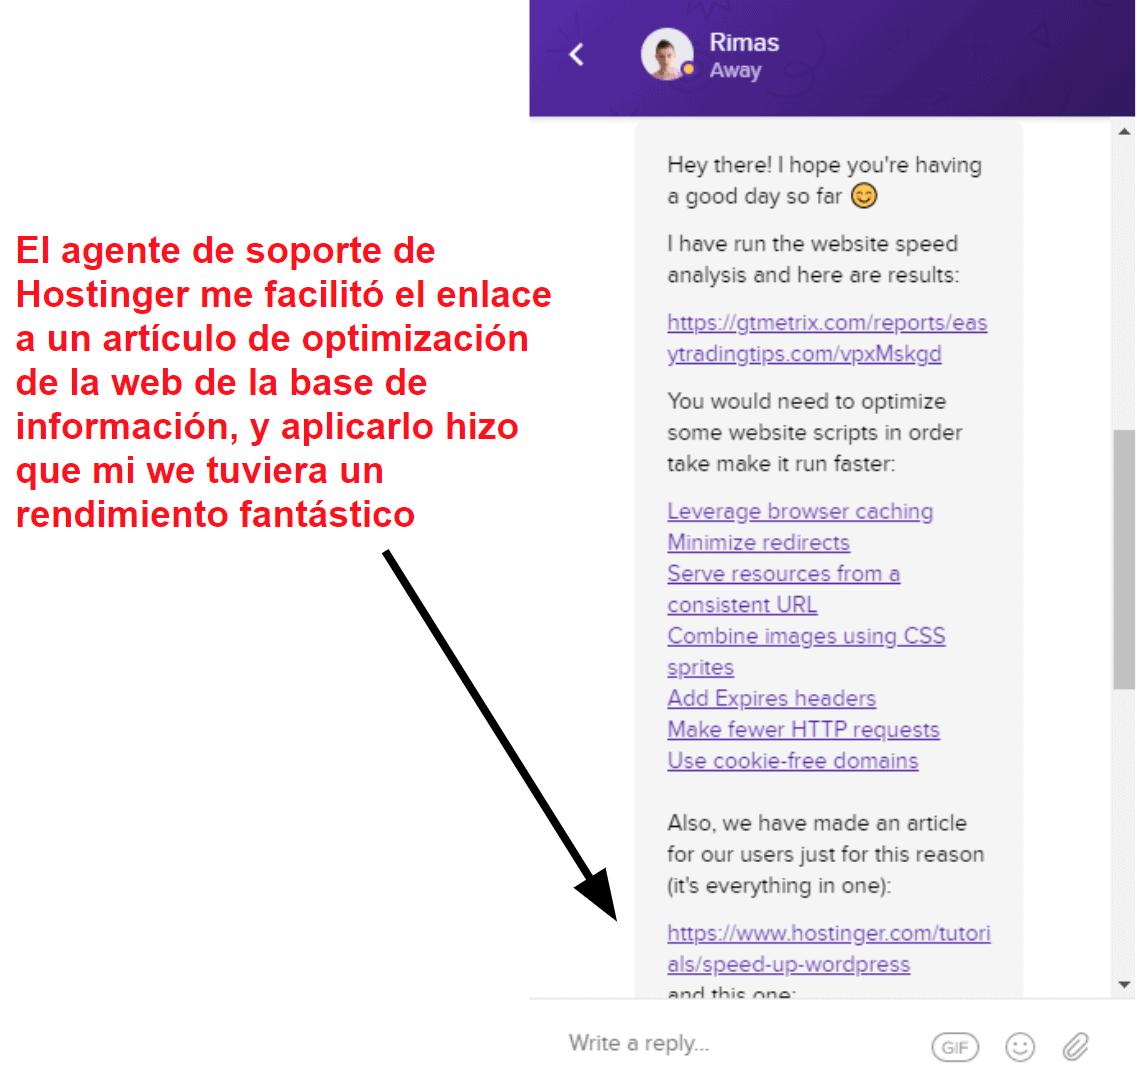 Hostinger live chat optimization support_ES